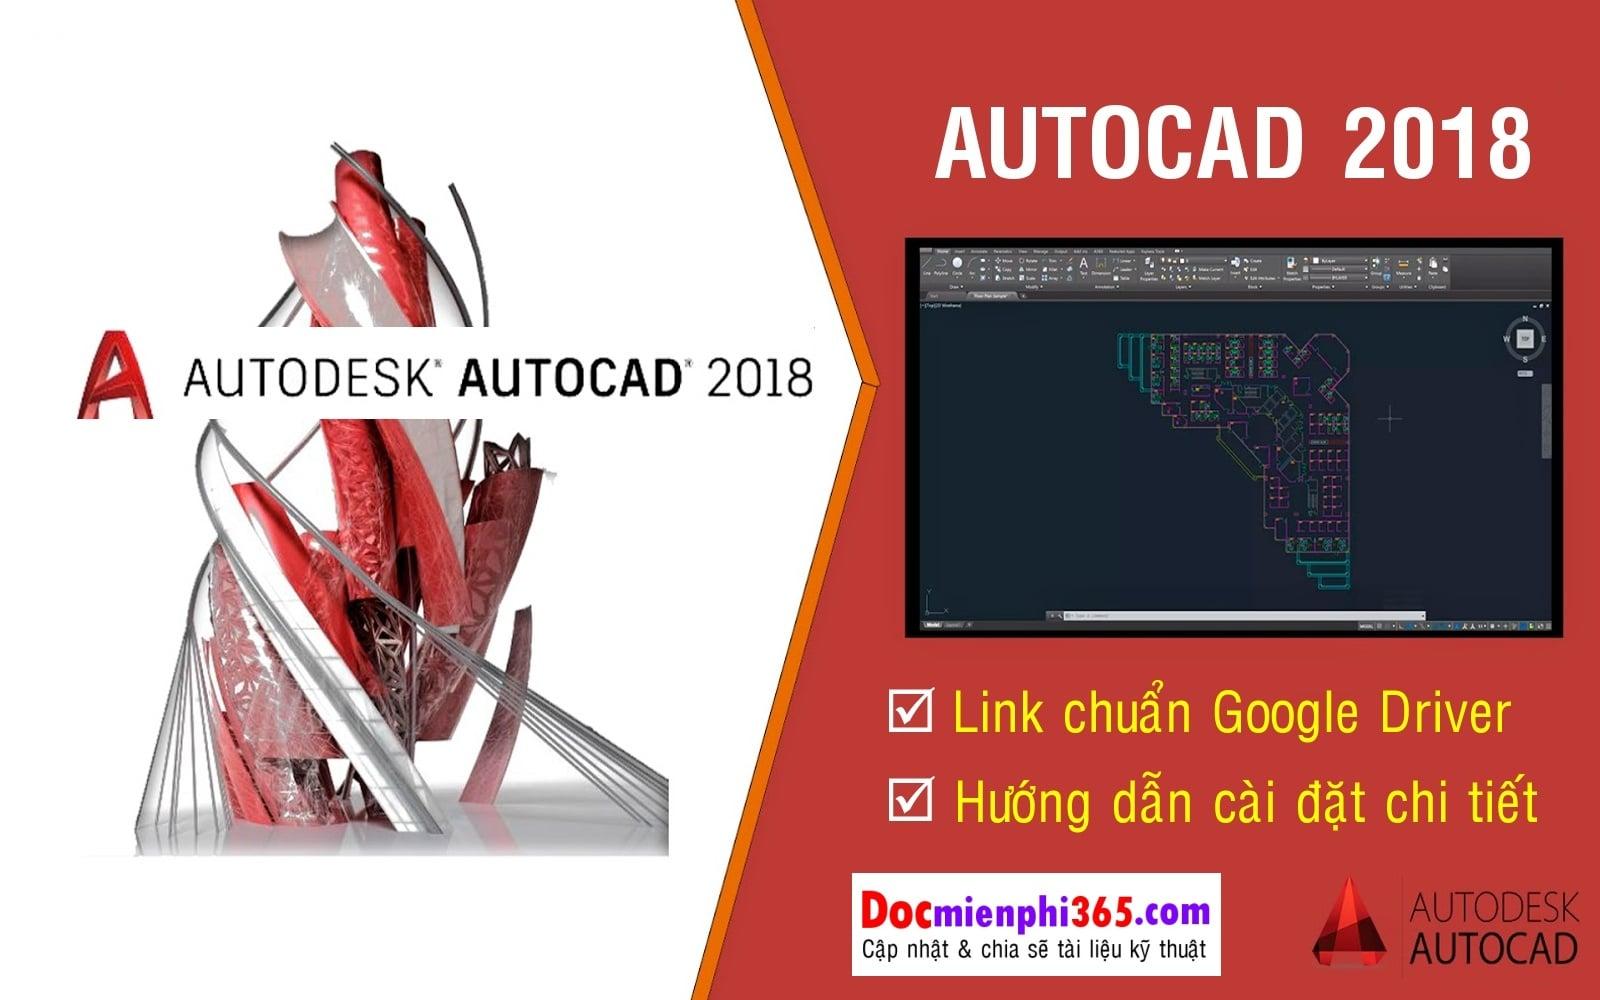 Autocad 2018 Full Link , Hướng dẫn cài đặt chuẩn | CADCAMCNC VN